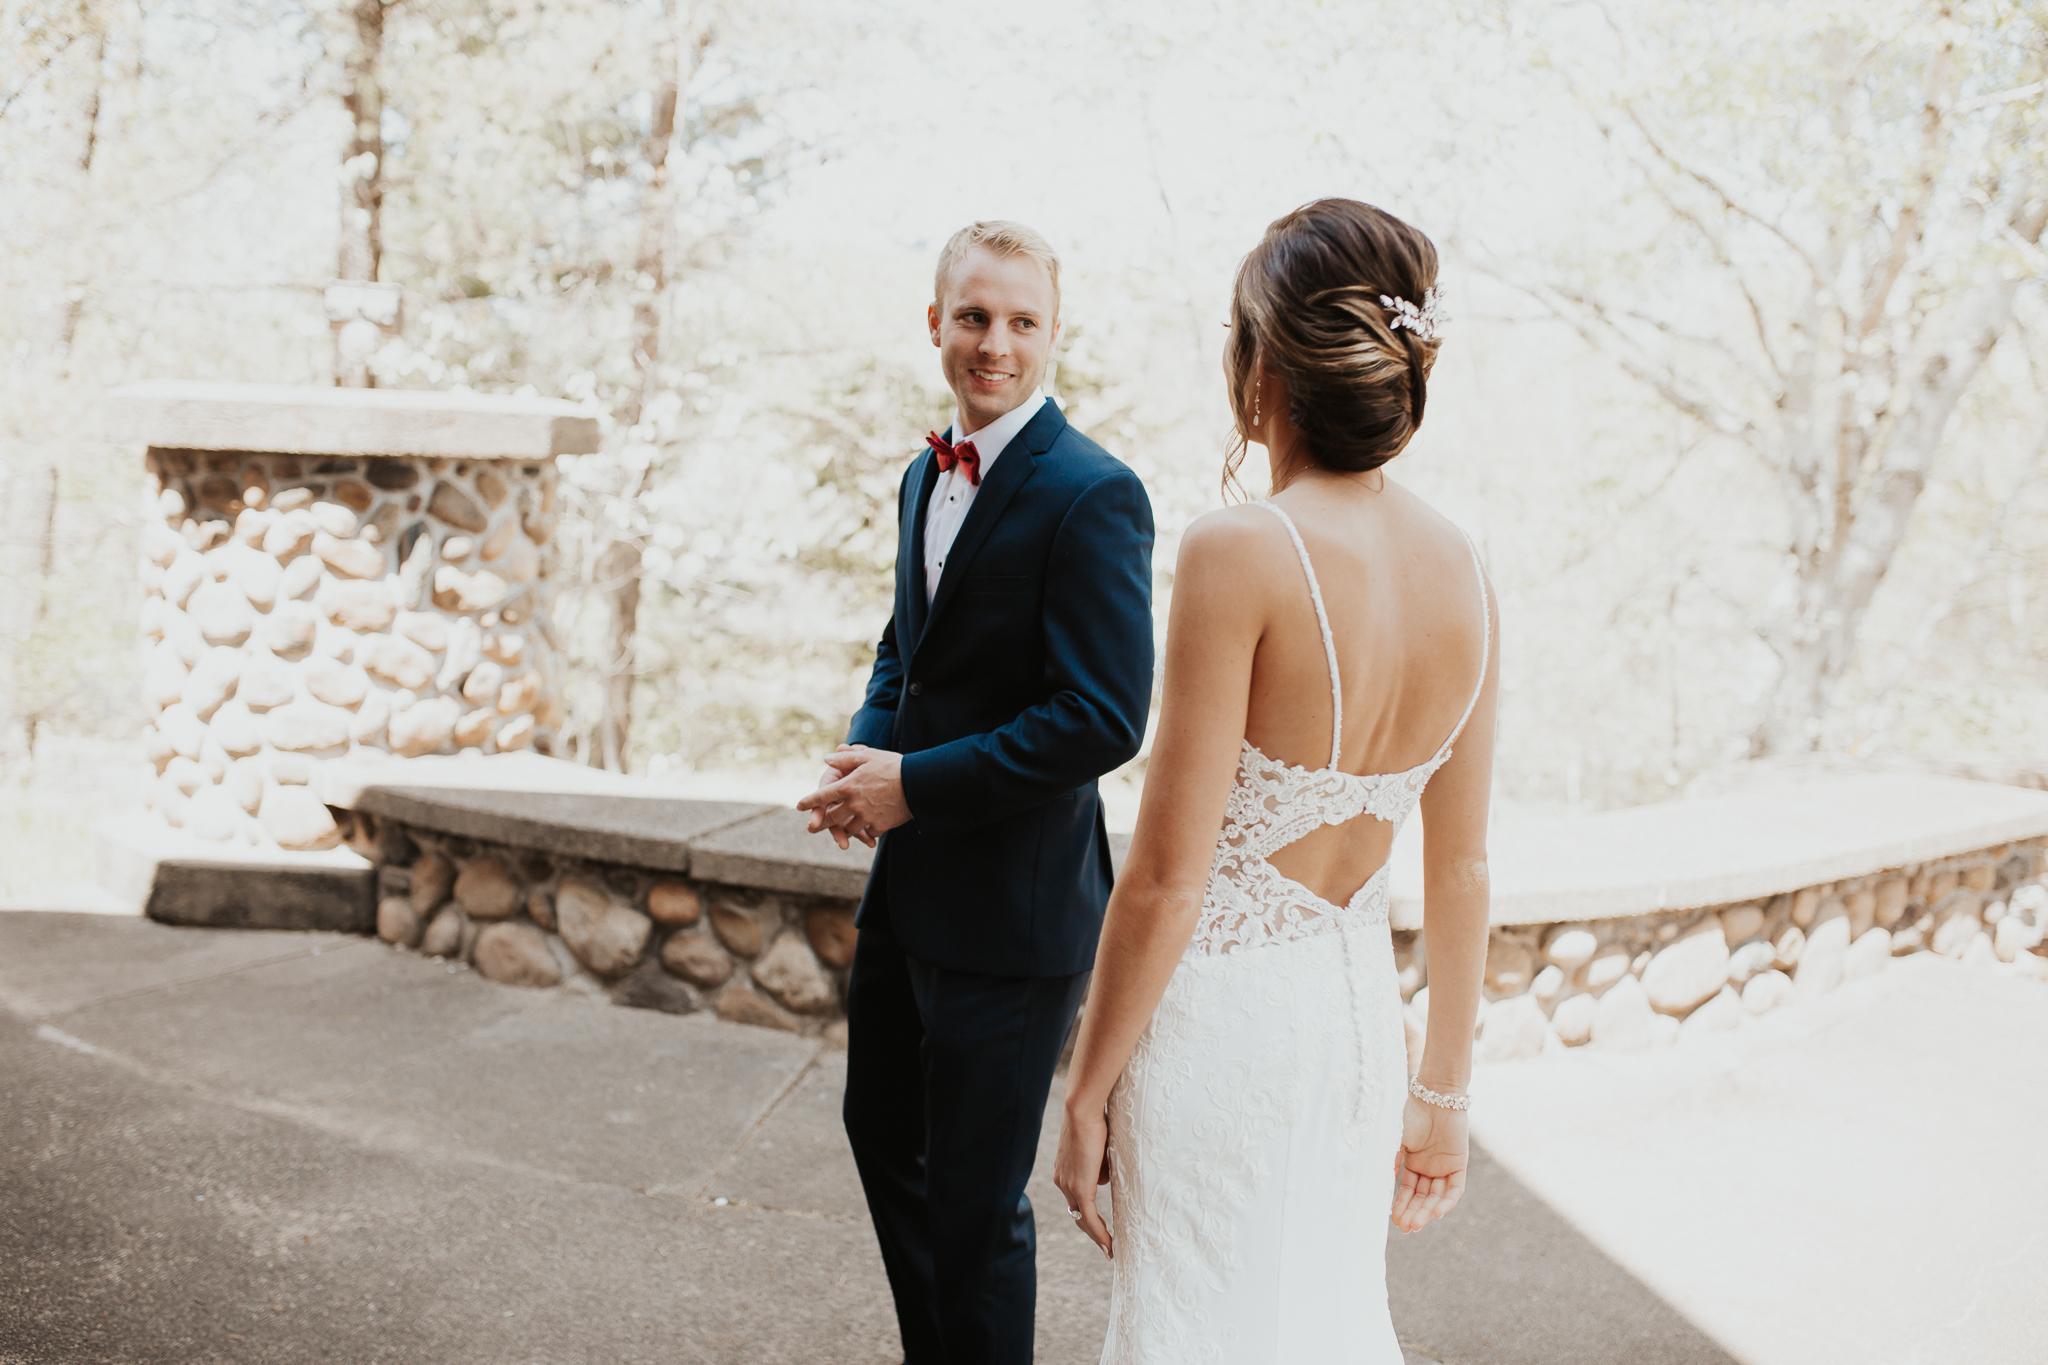 AlexJanie_Wedding-15.jpg